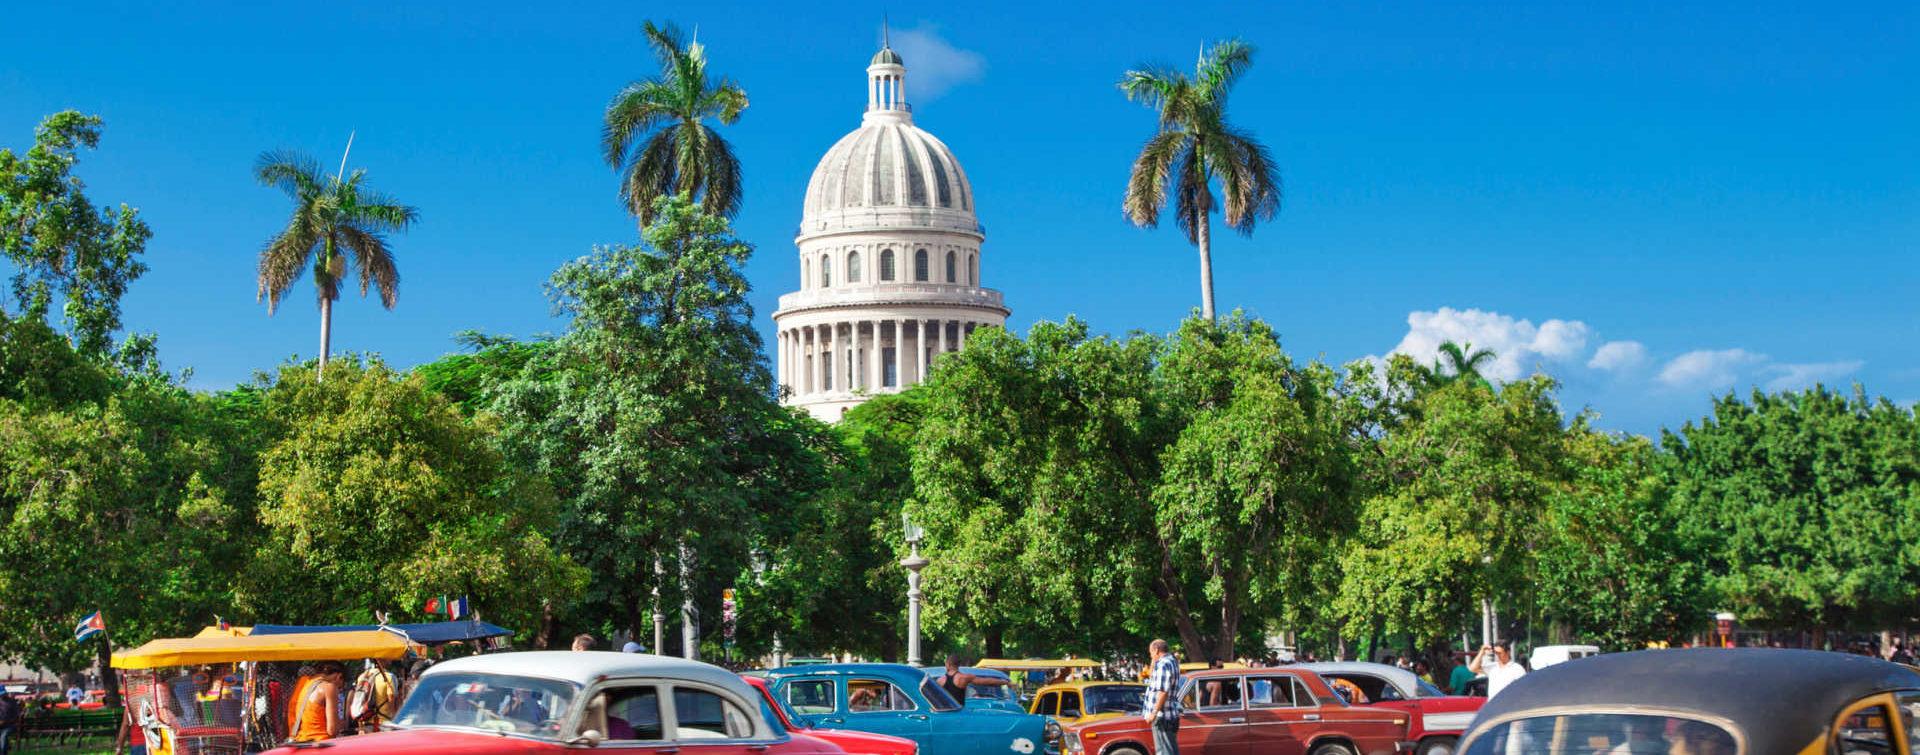 Nossa babymoon: roteiro por Cuba, EUA e México